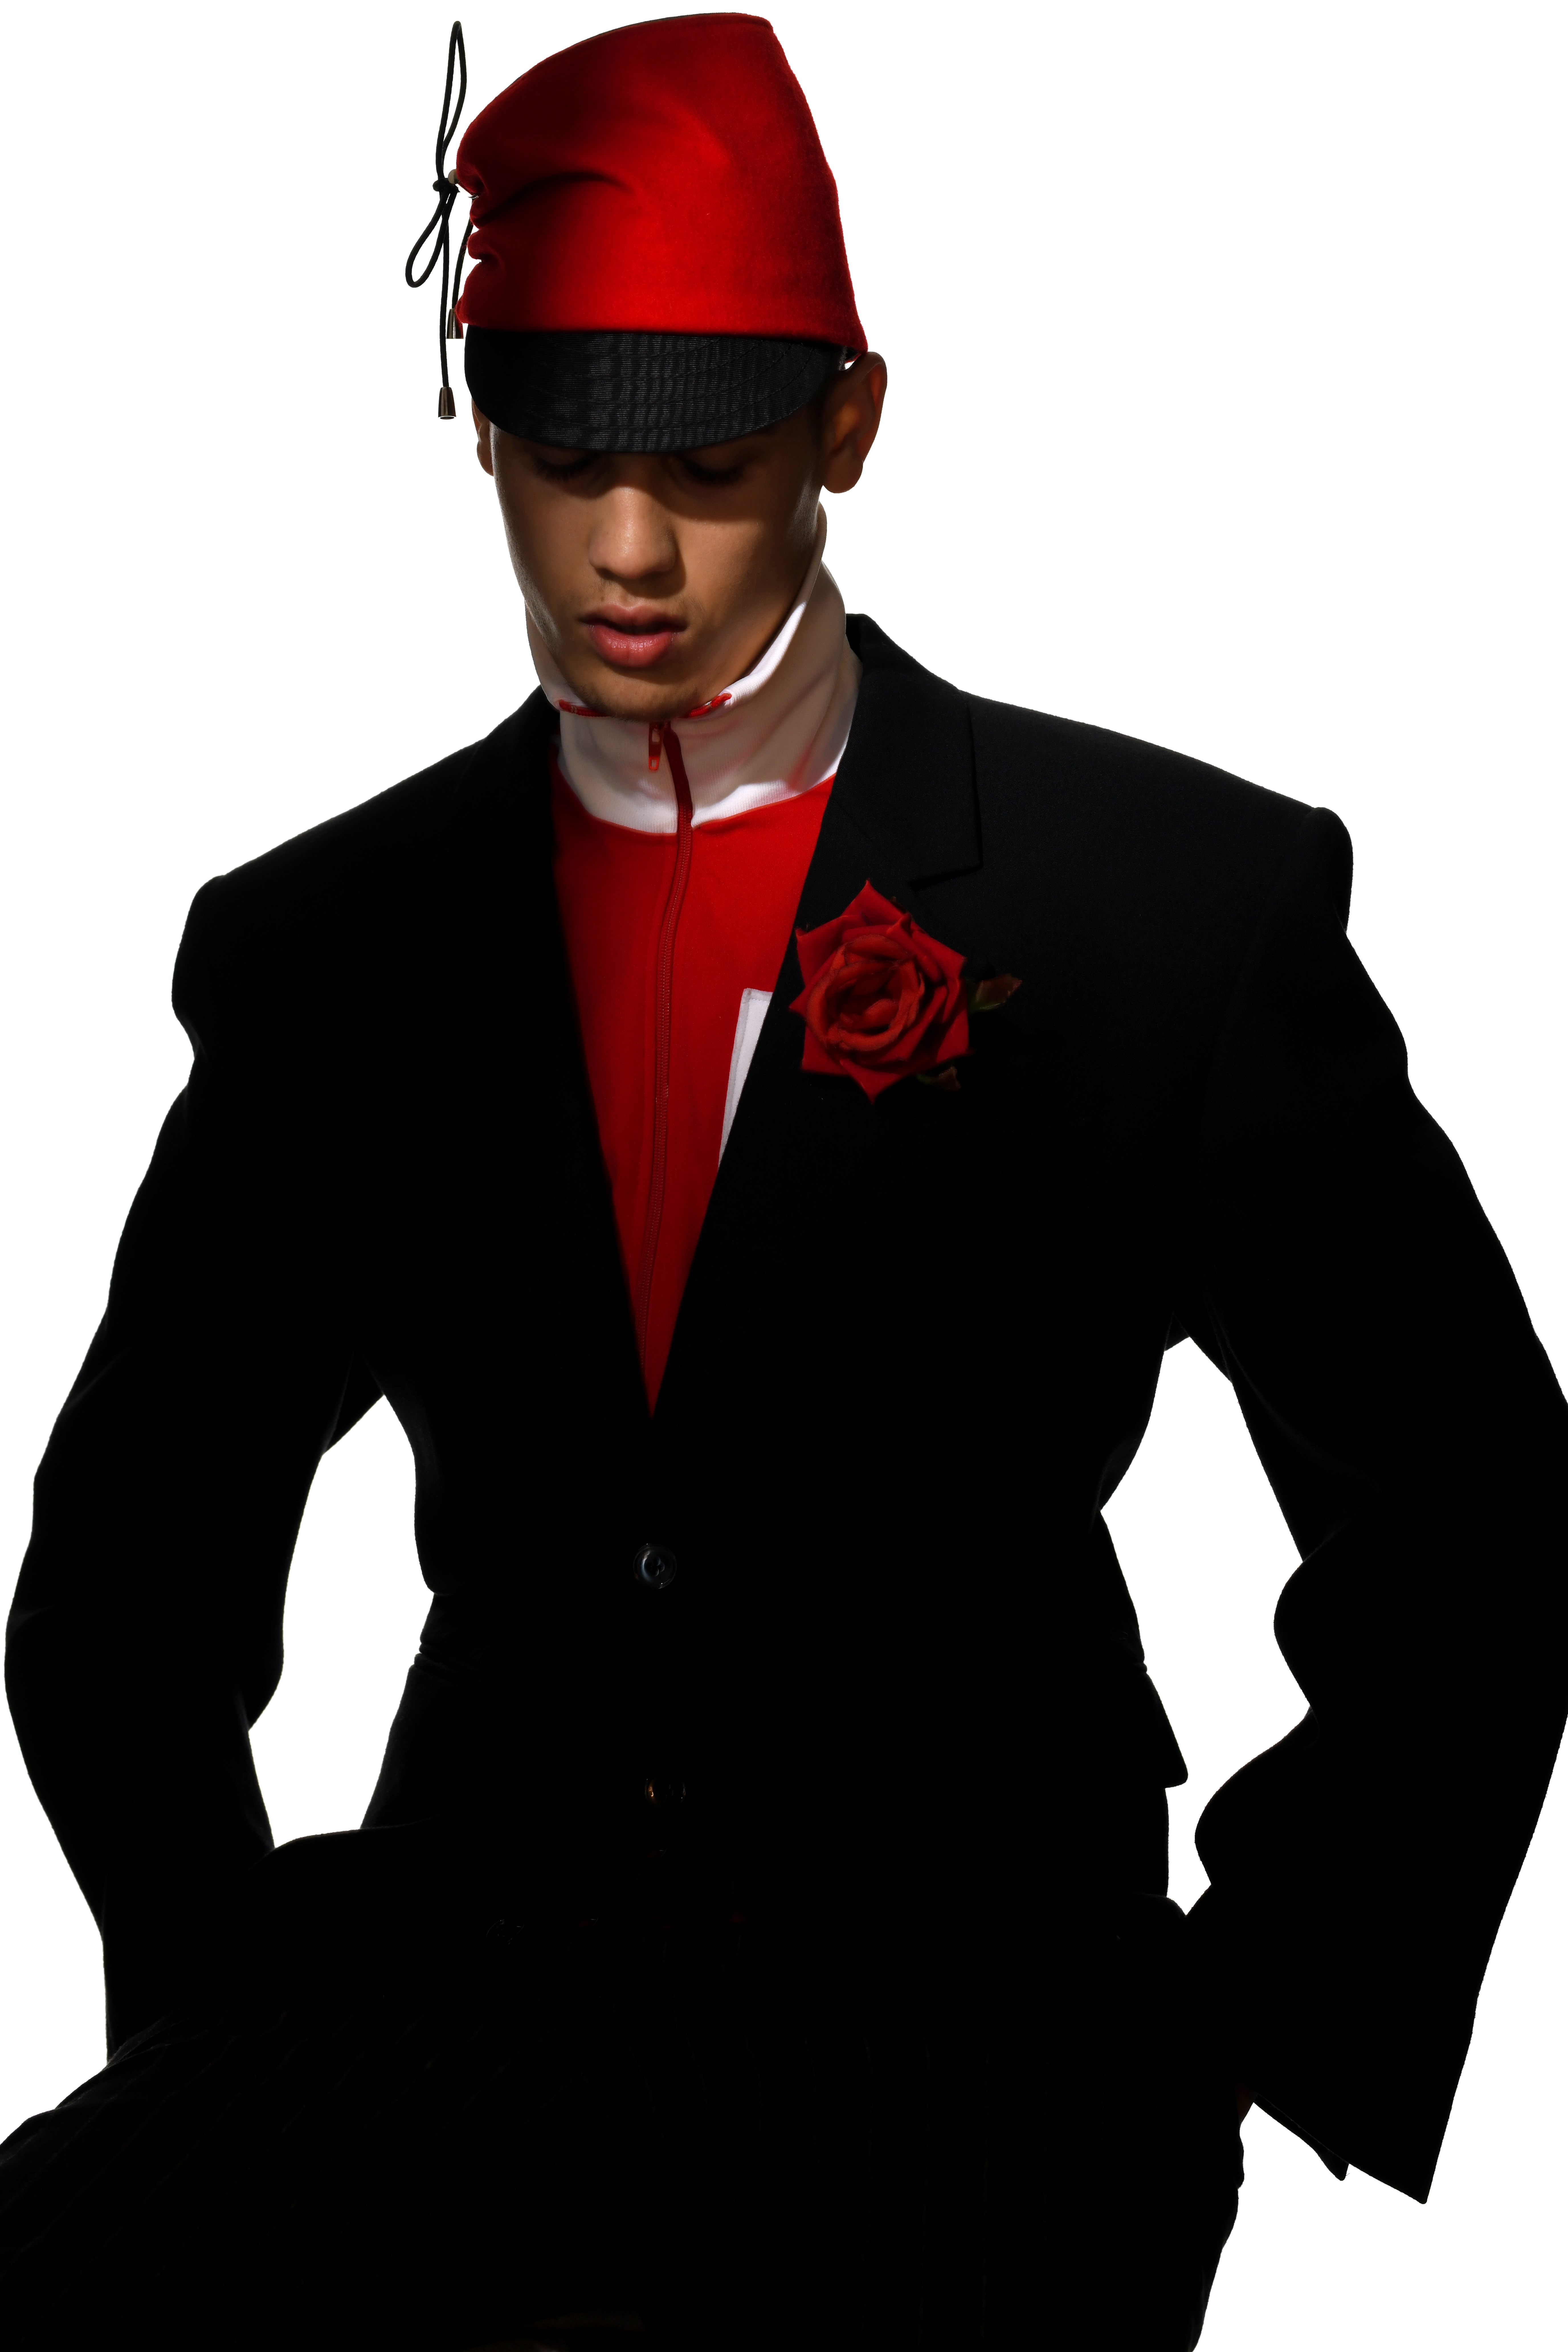 Red Peaked Fez.jpg